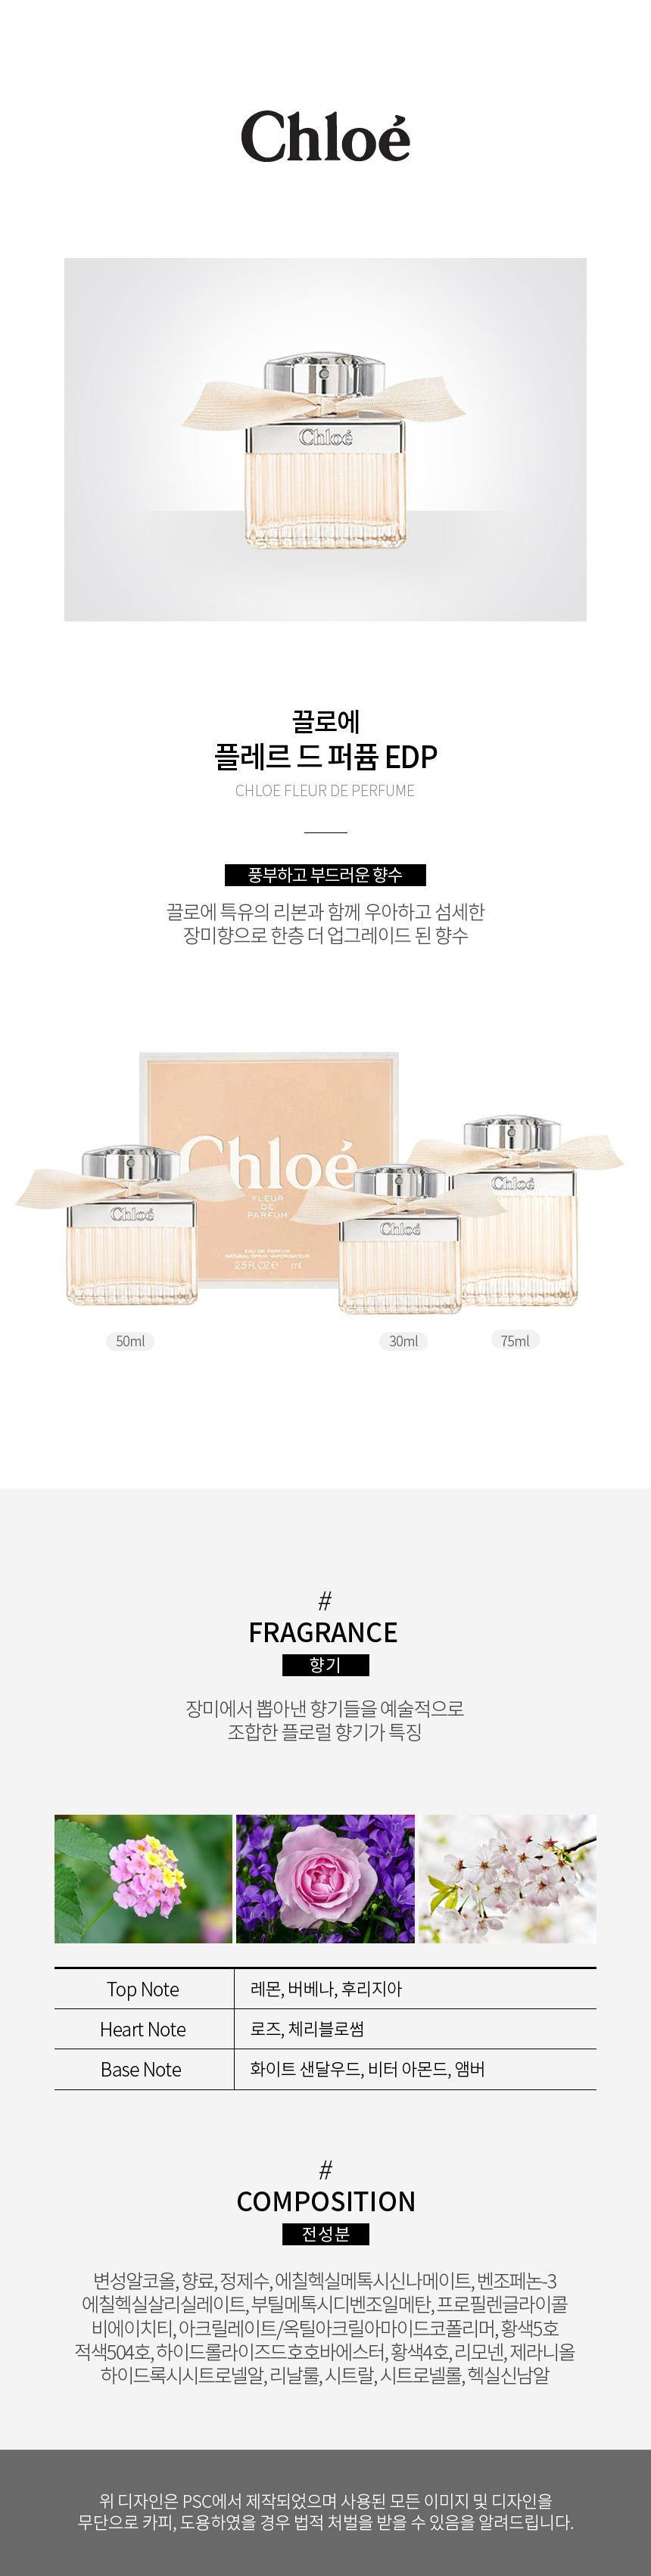 chloe_fleur_page.jpg